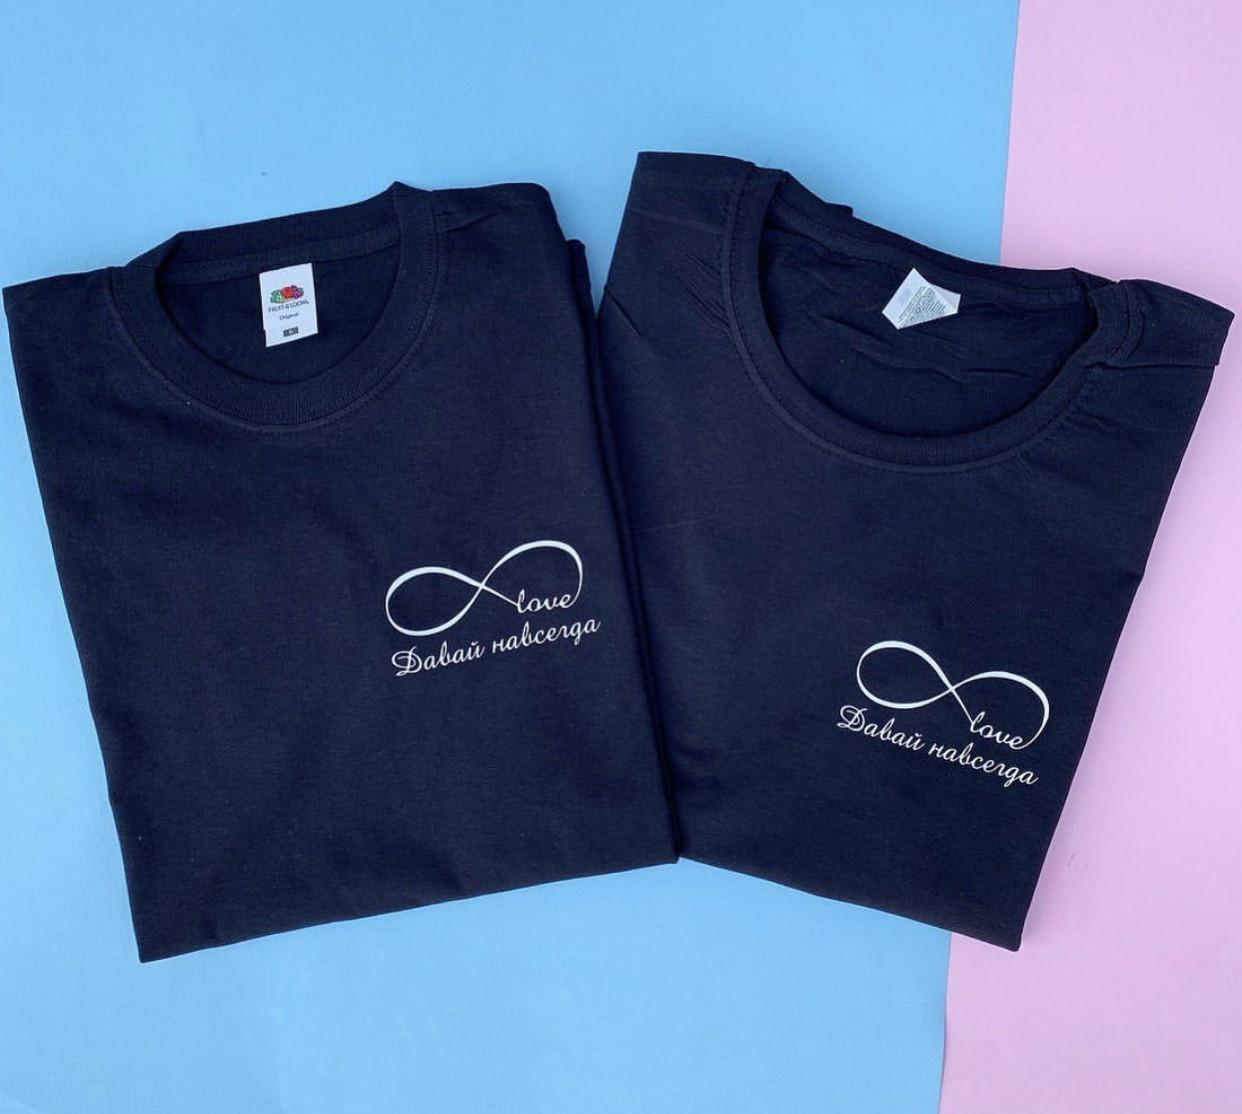 Качественные футболки с логотипом